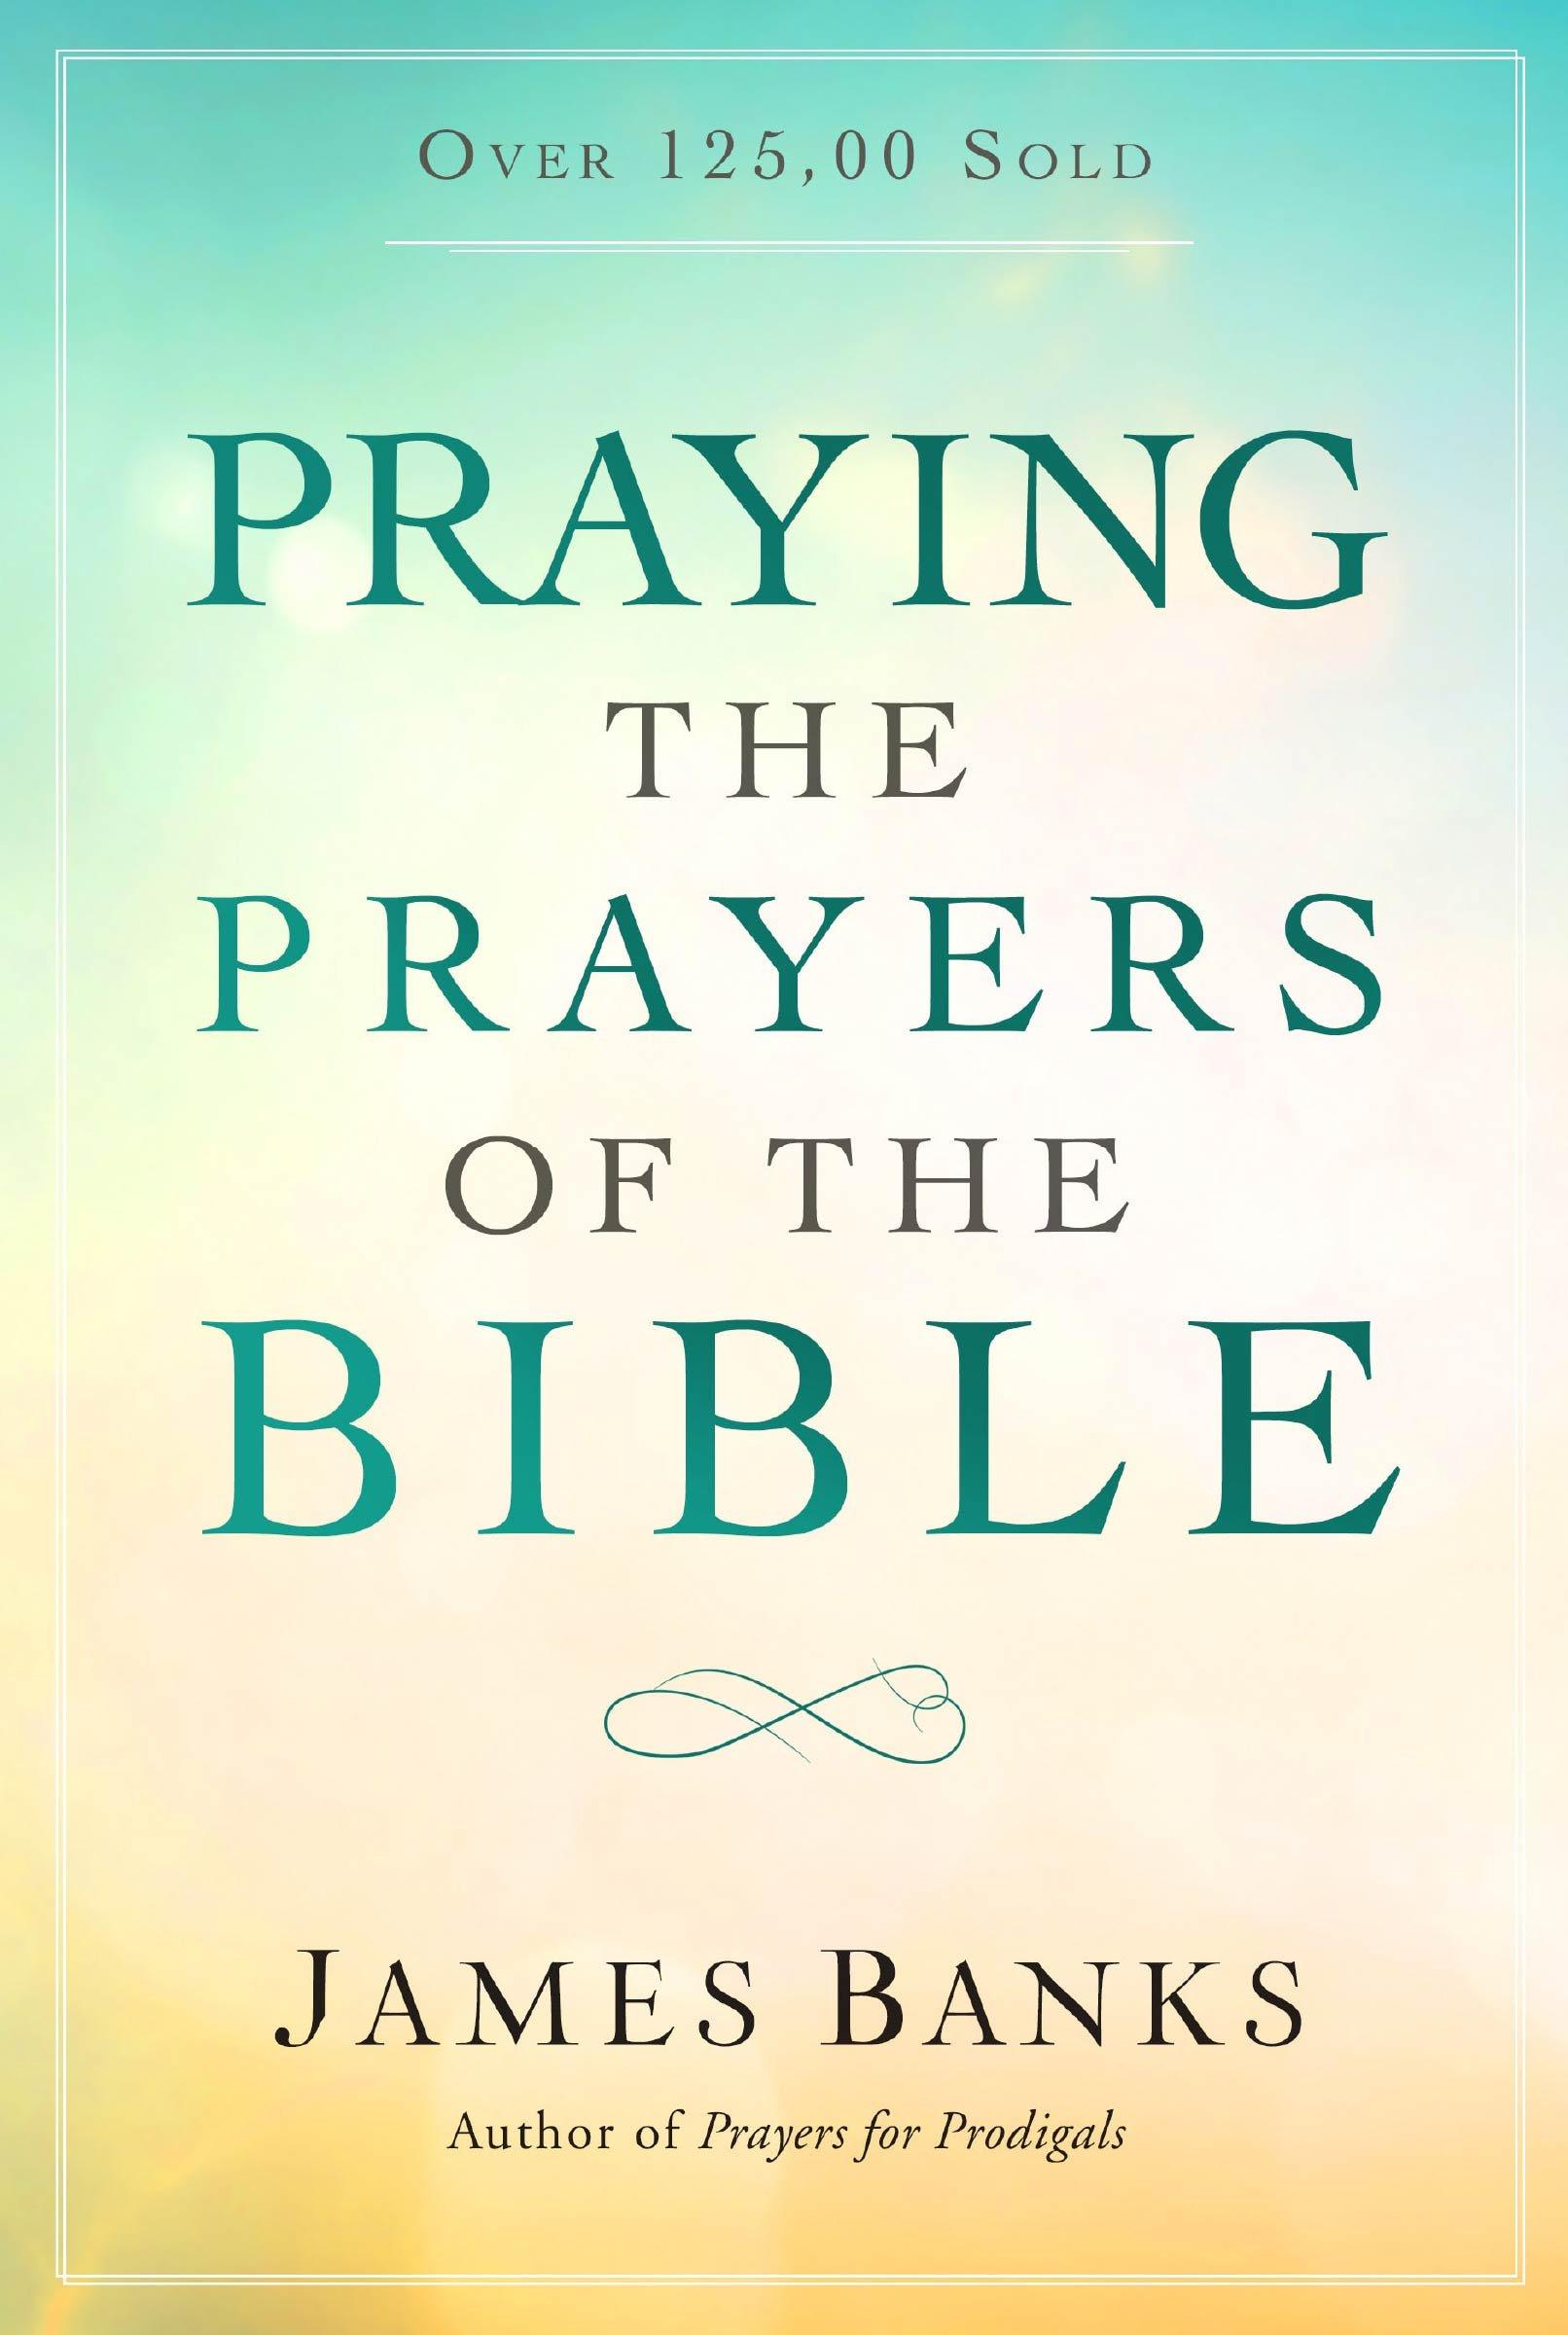 Praying the Prayers of the Bible: James Banks: 9781627078665